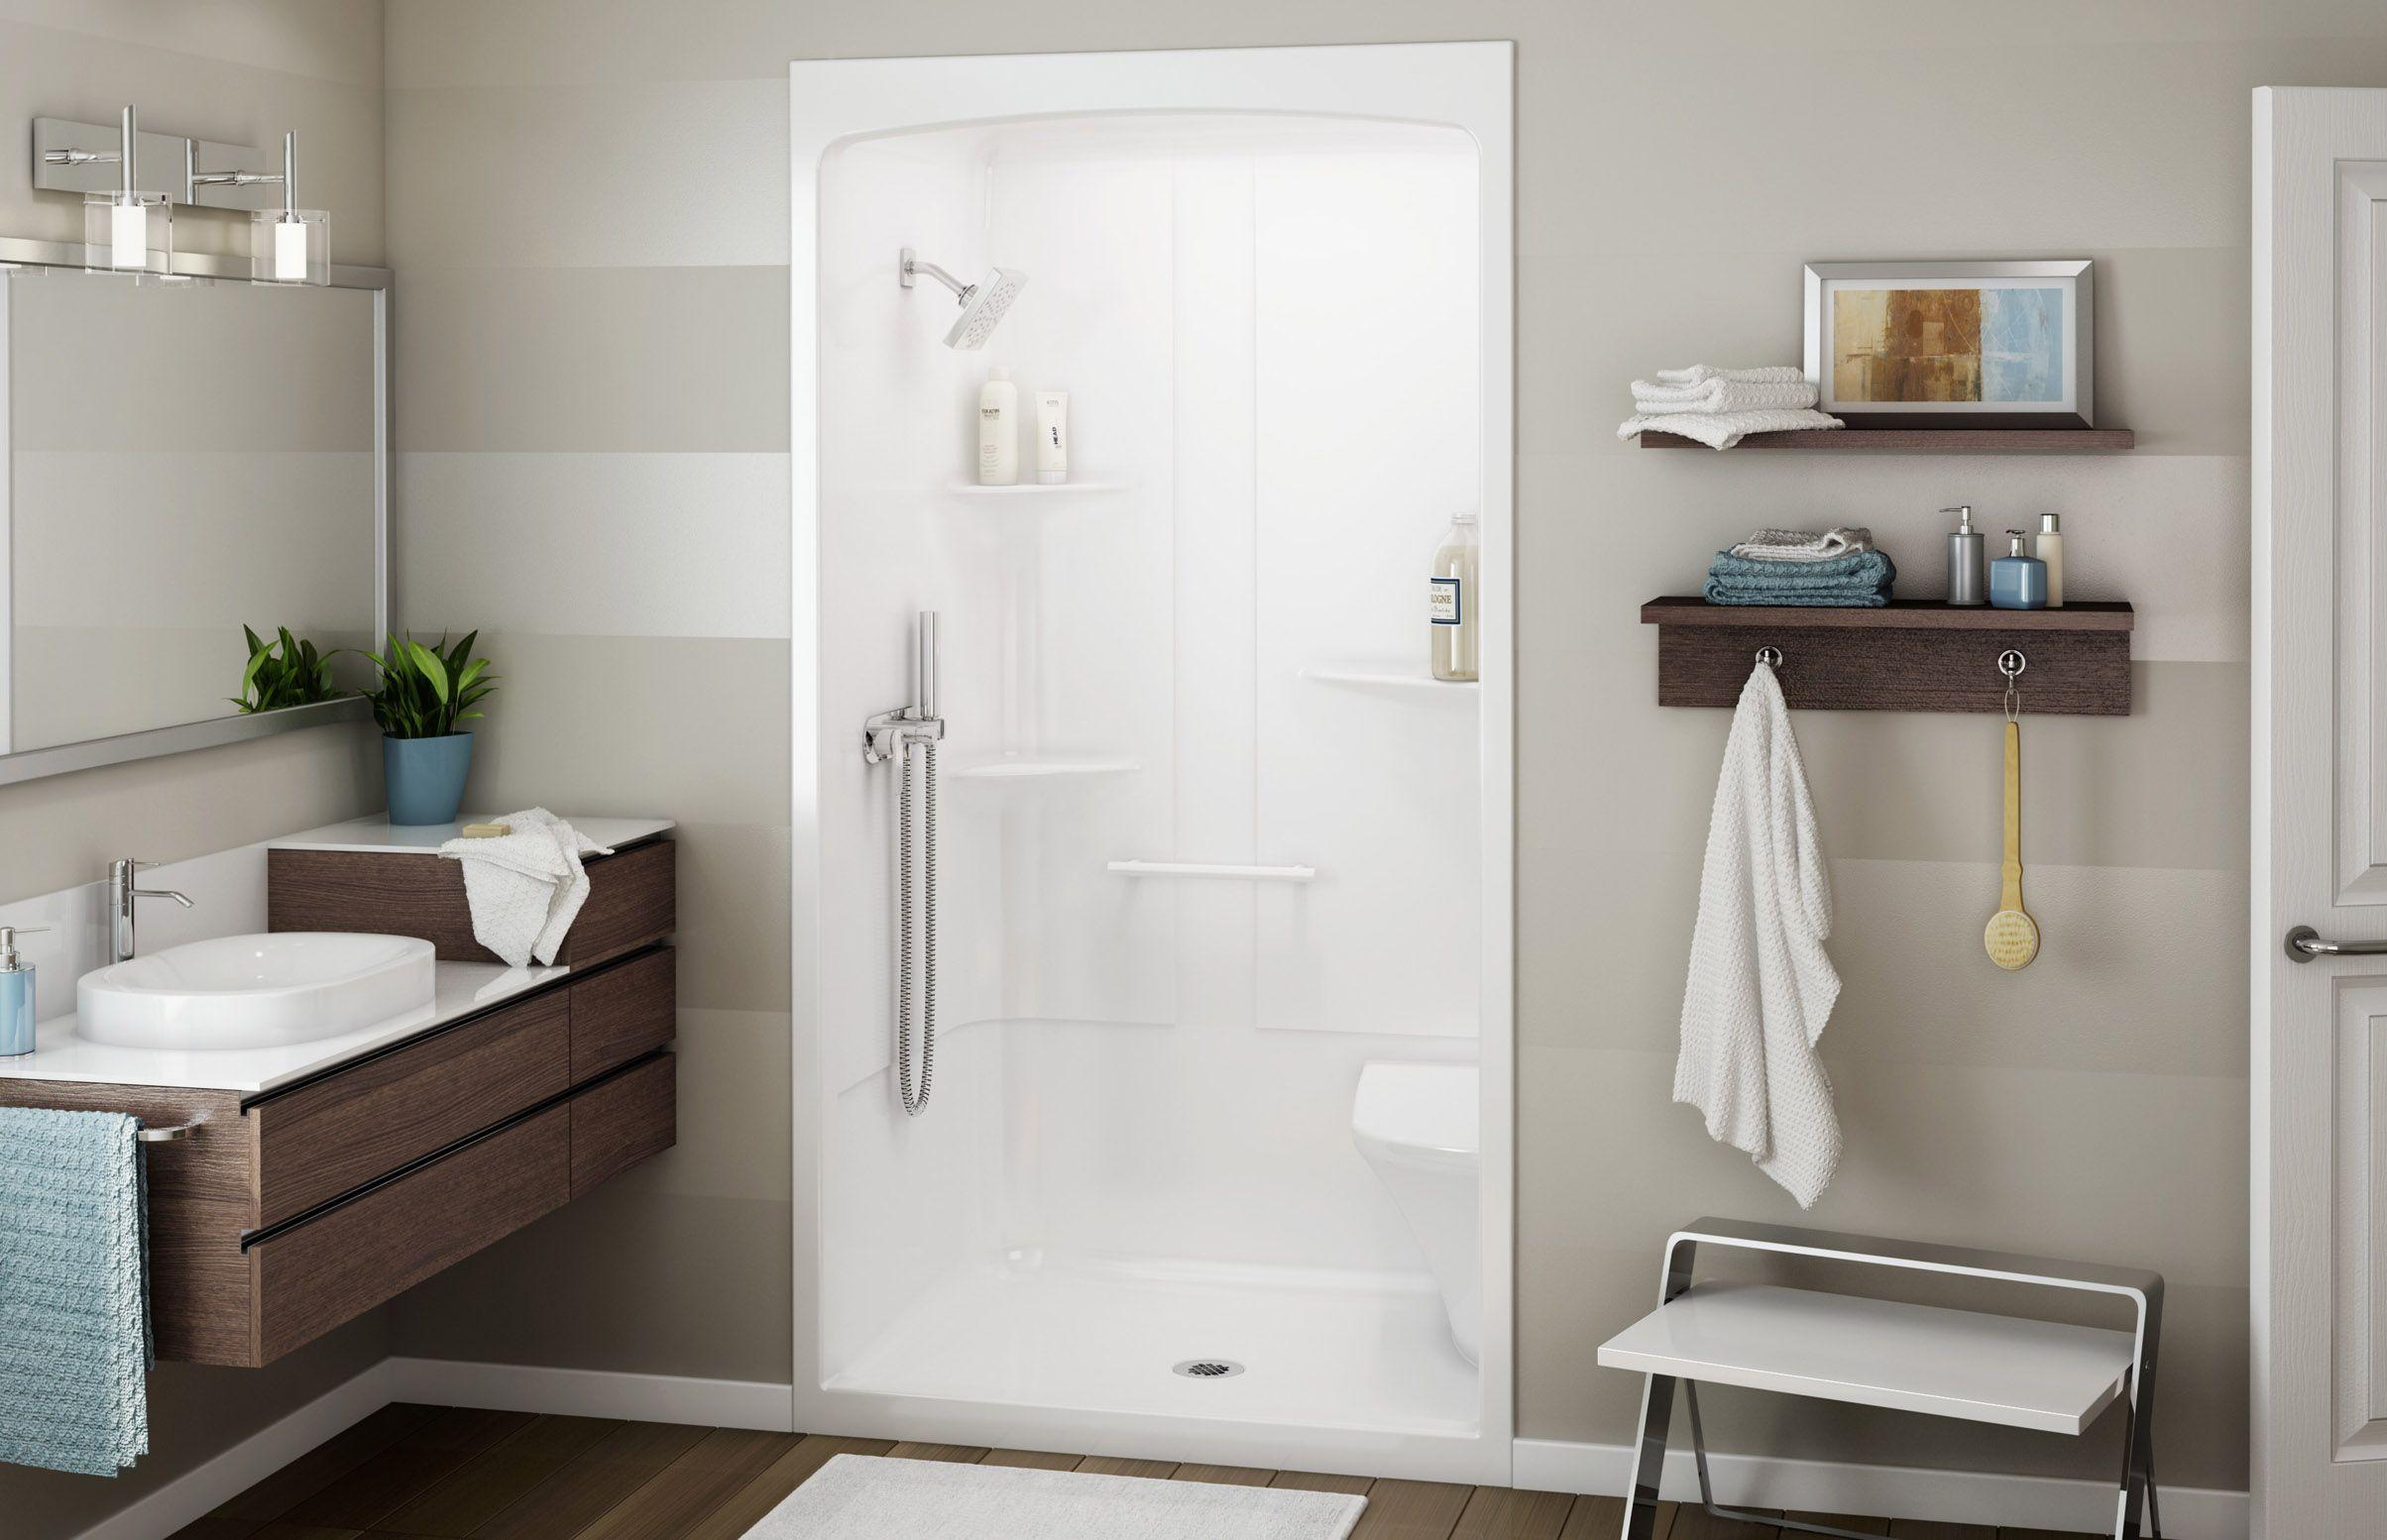 ALLIA SHR-4834 Alcove Showers - MAAX Professional | home ideas ...